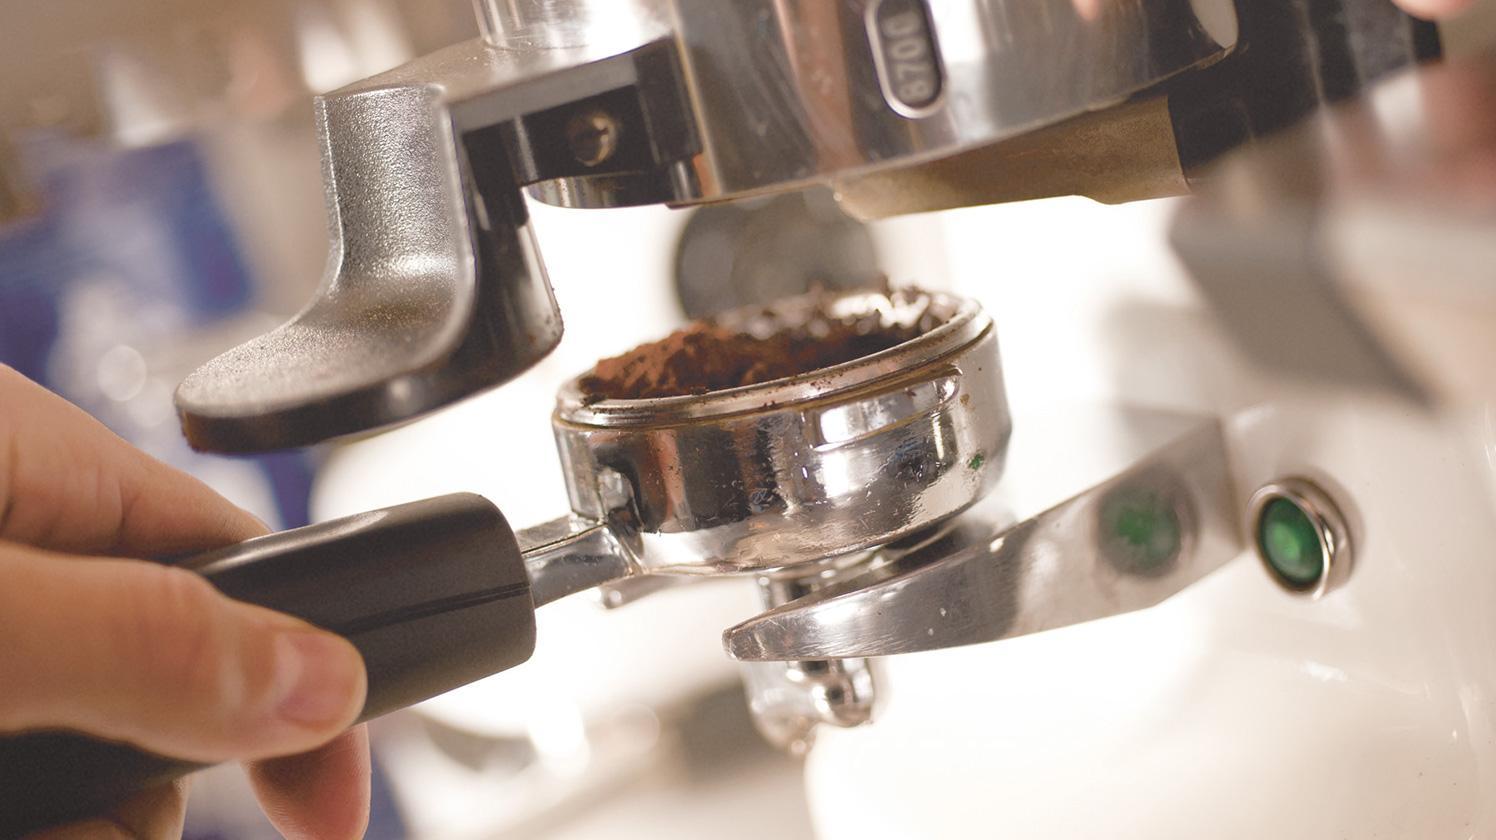 BRITA Filter AquaAroma Crema Kaffee-Zubereitung